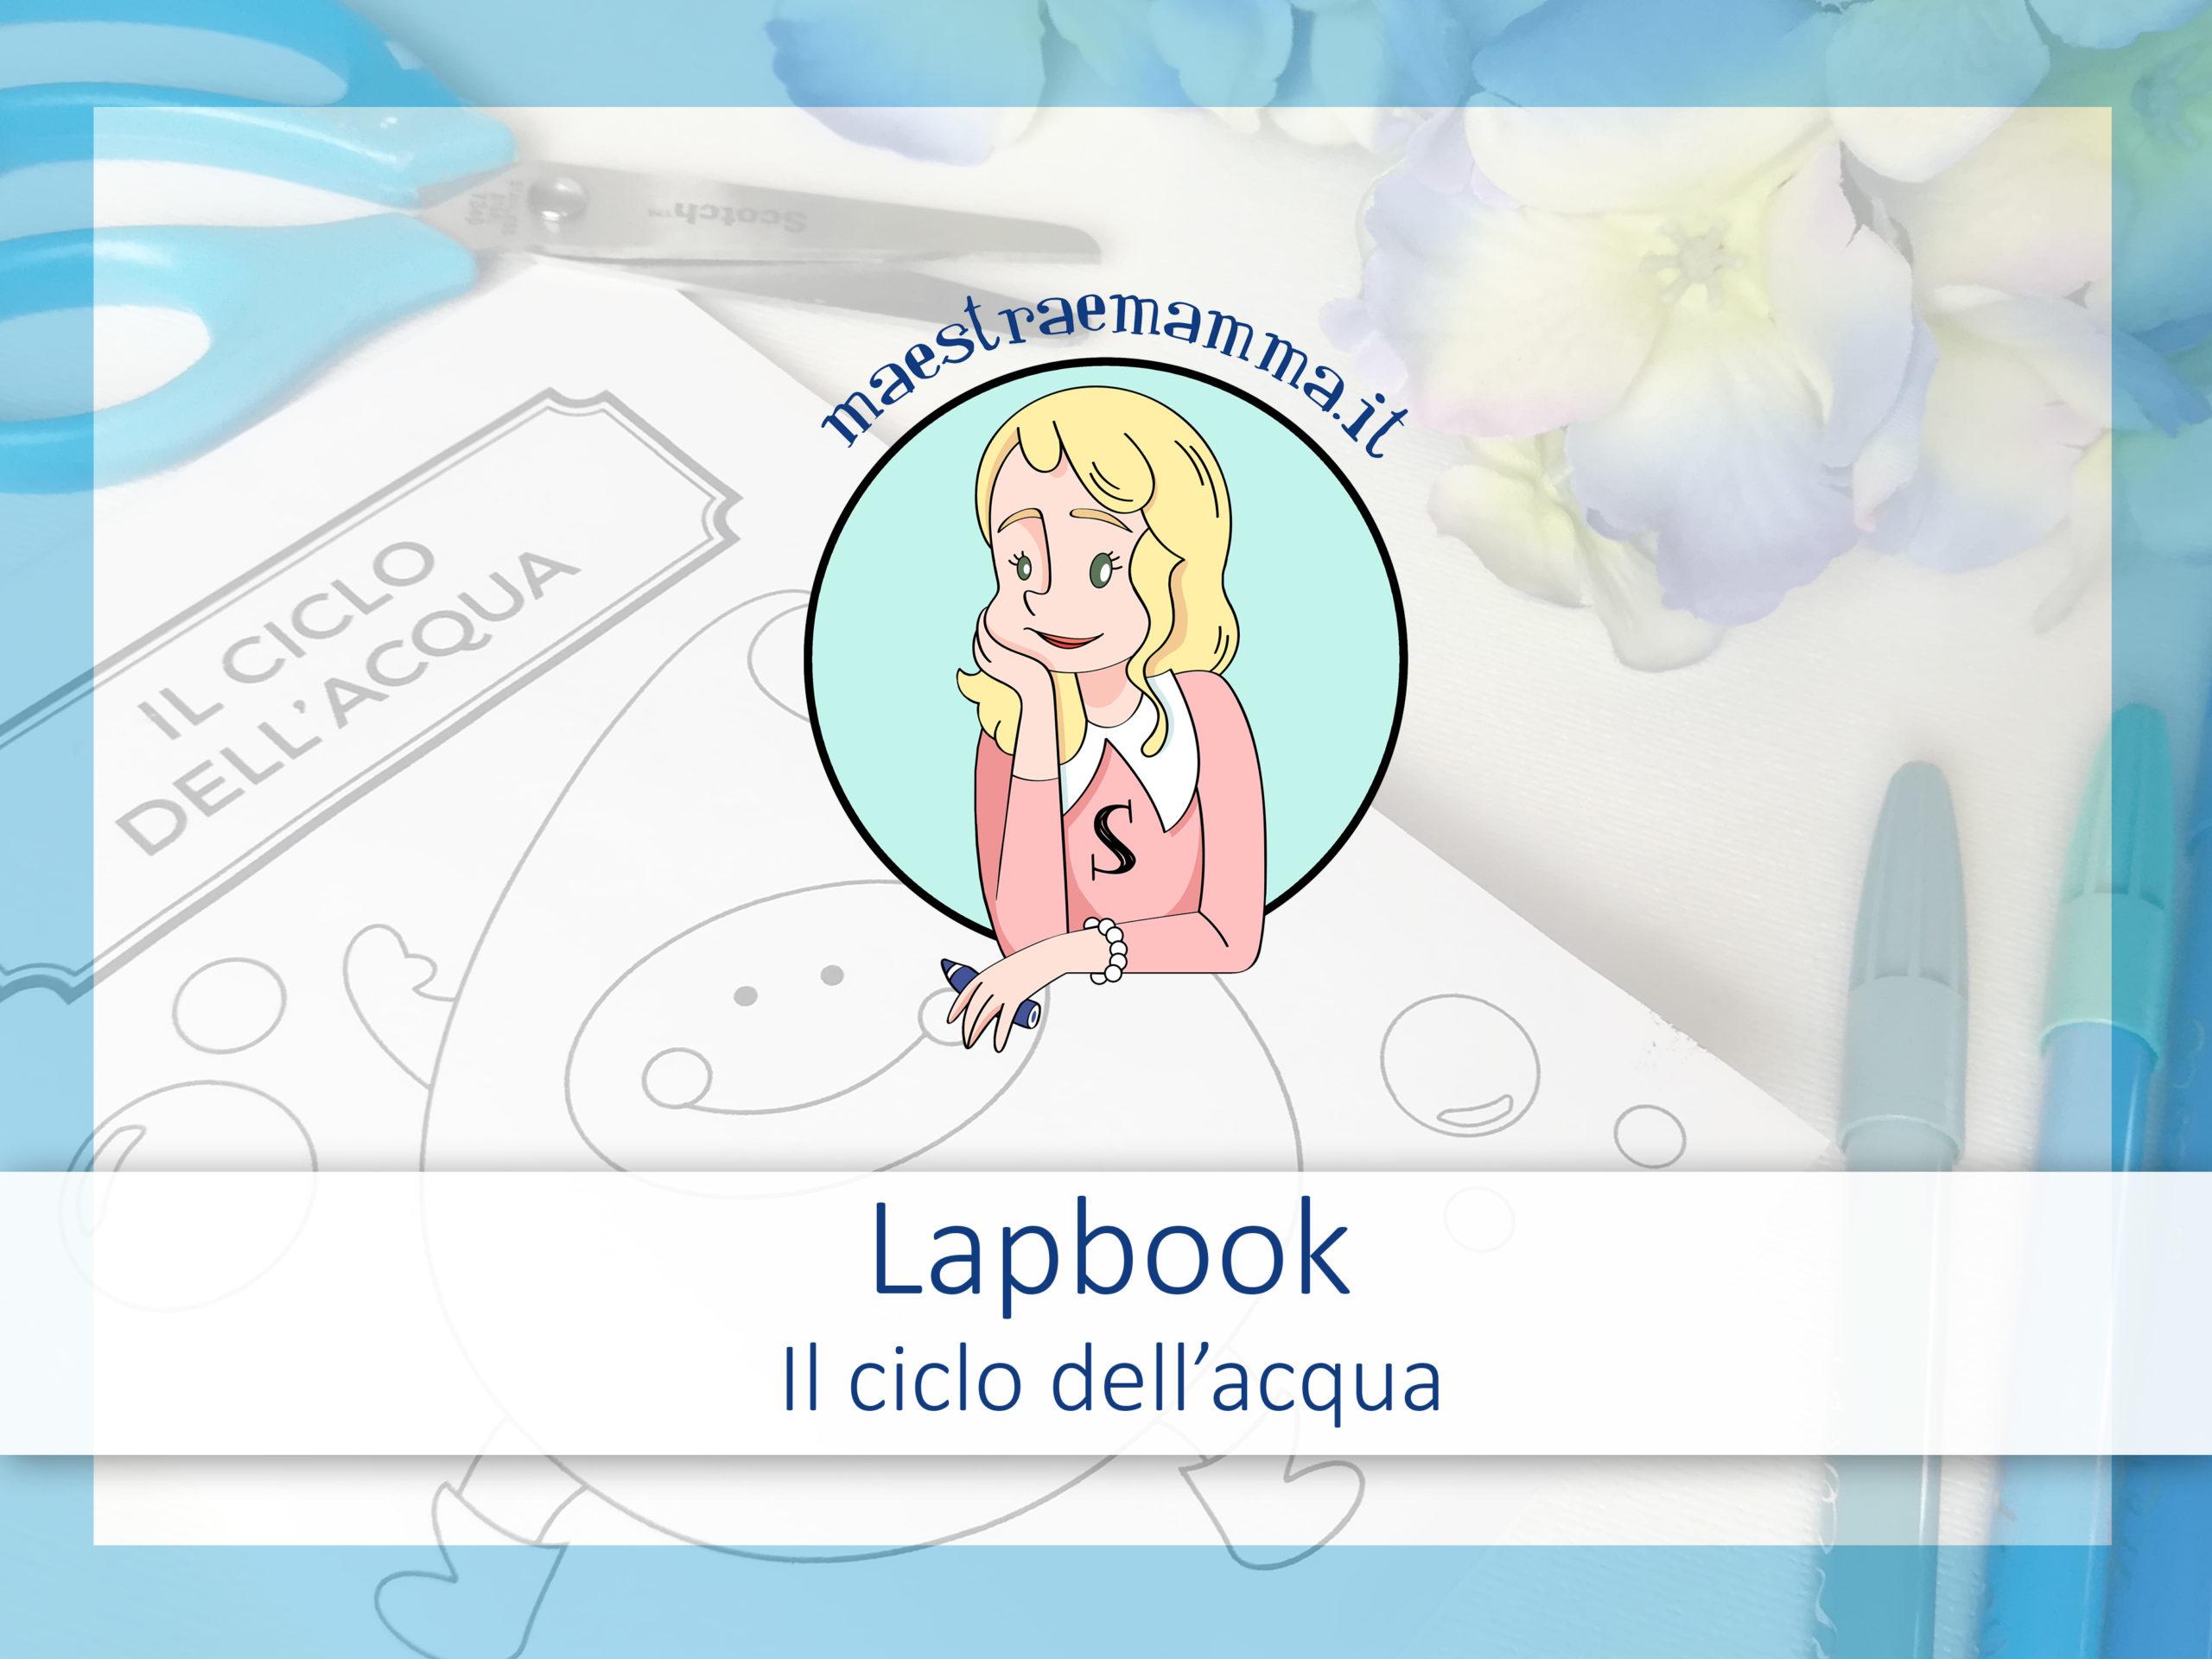 Lapbook – Il ciclo dell'acqua